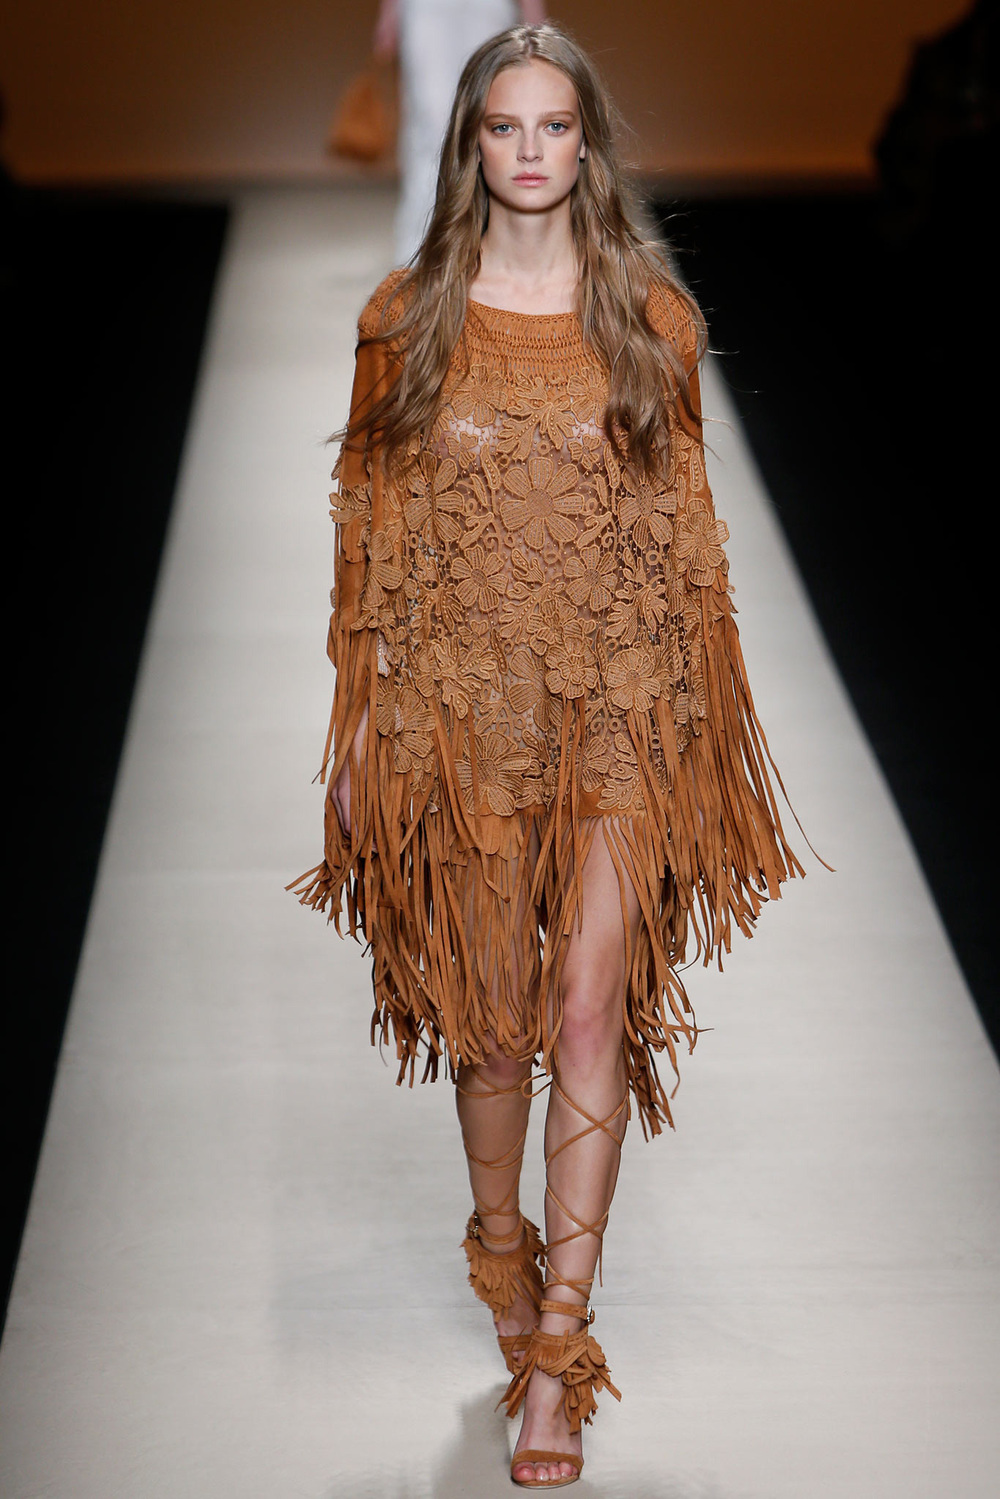 Alberta Ferretti via Style.com